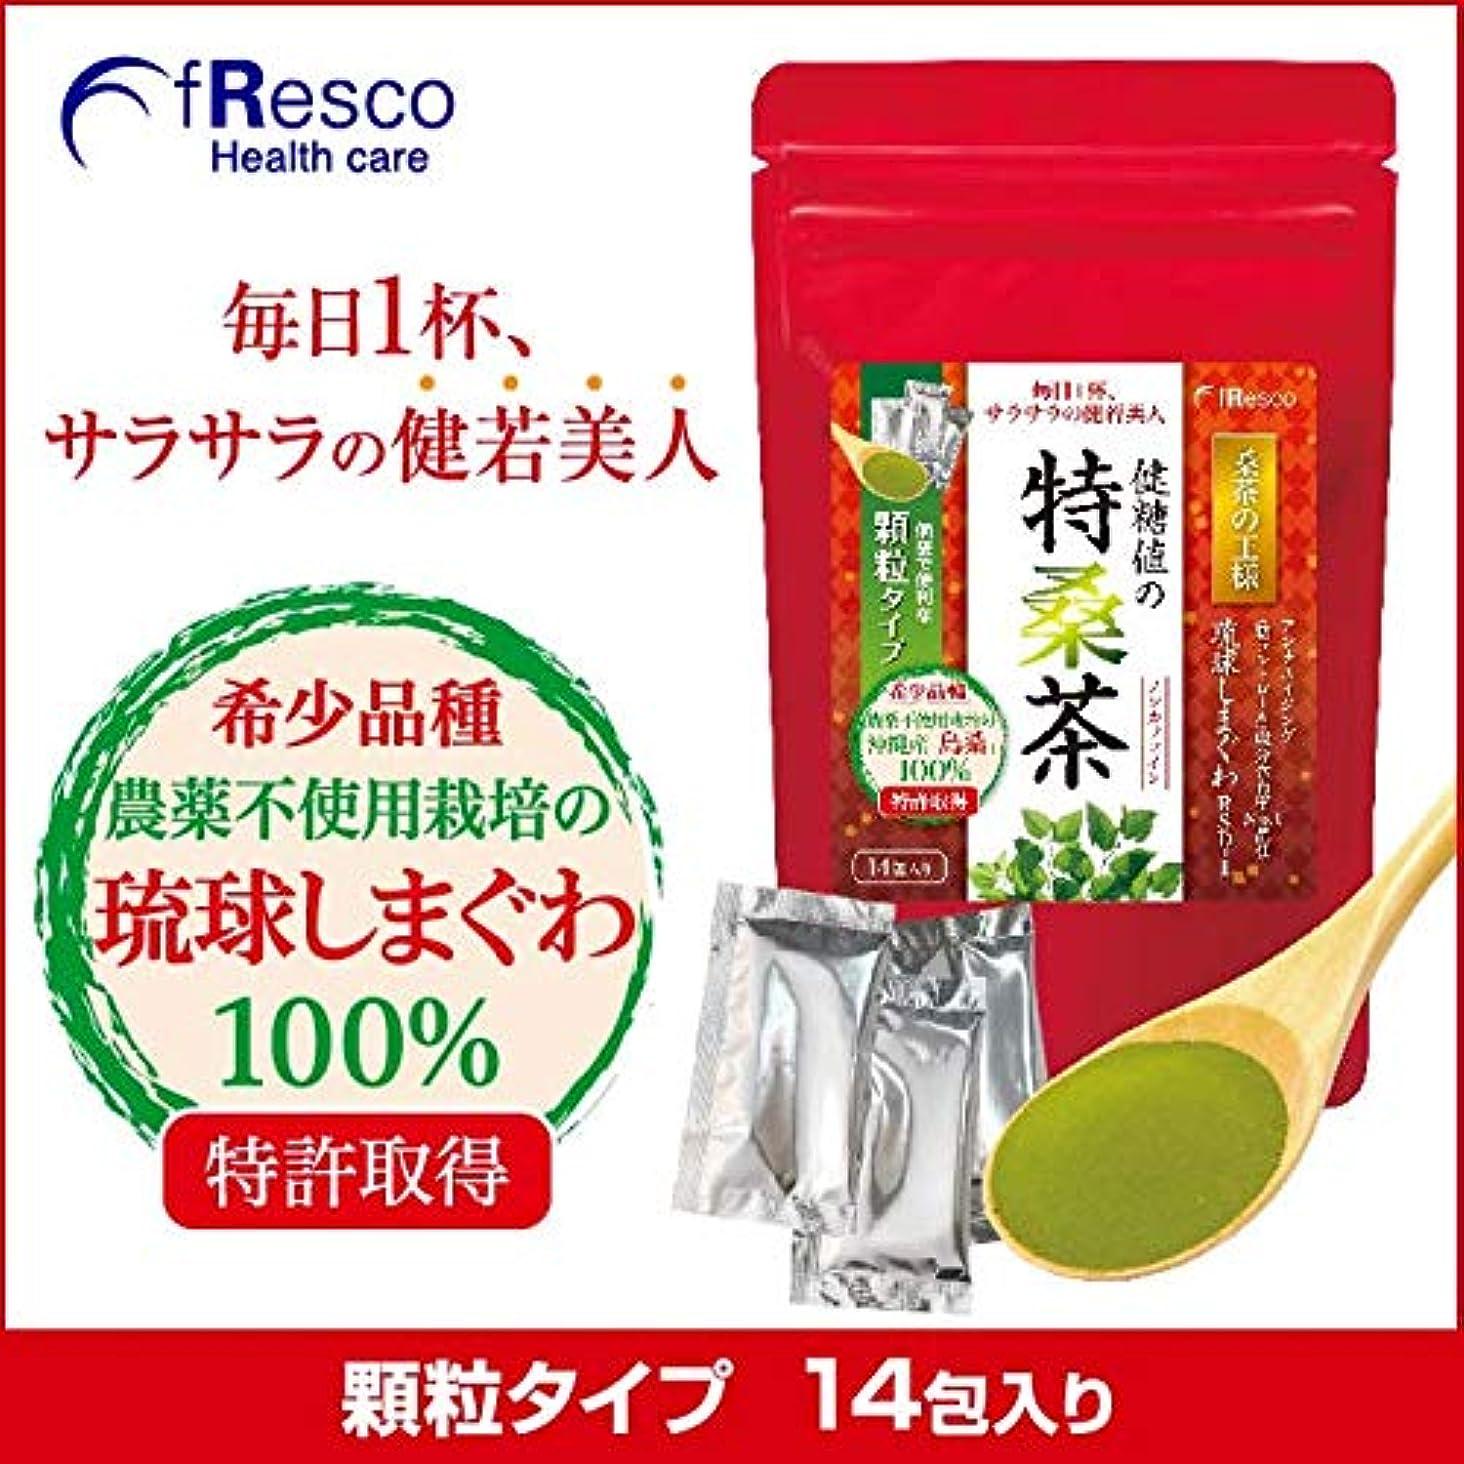 削除する魅力的マウント桑茶の王様 琉球しまぐわ 健糖値の特桑茶 顆粒タイプ 14包